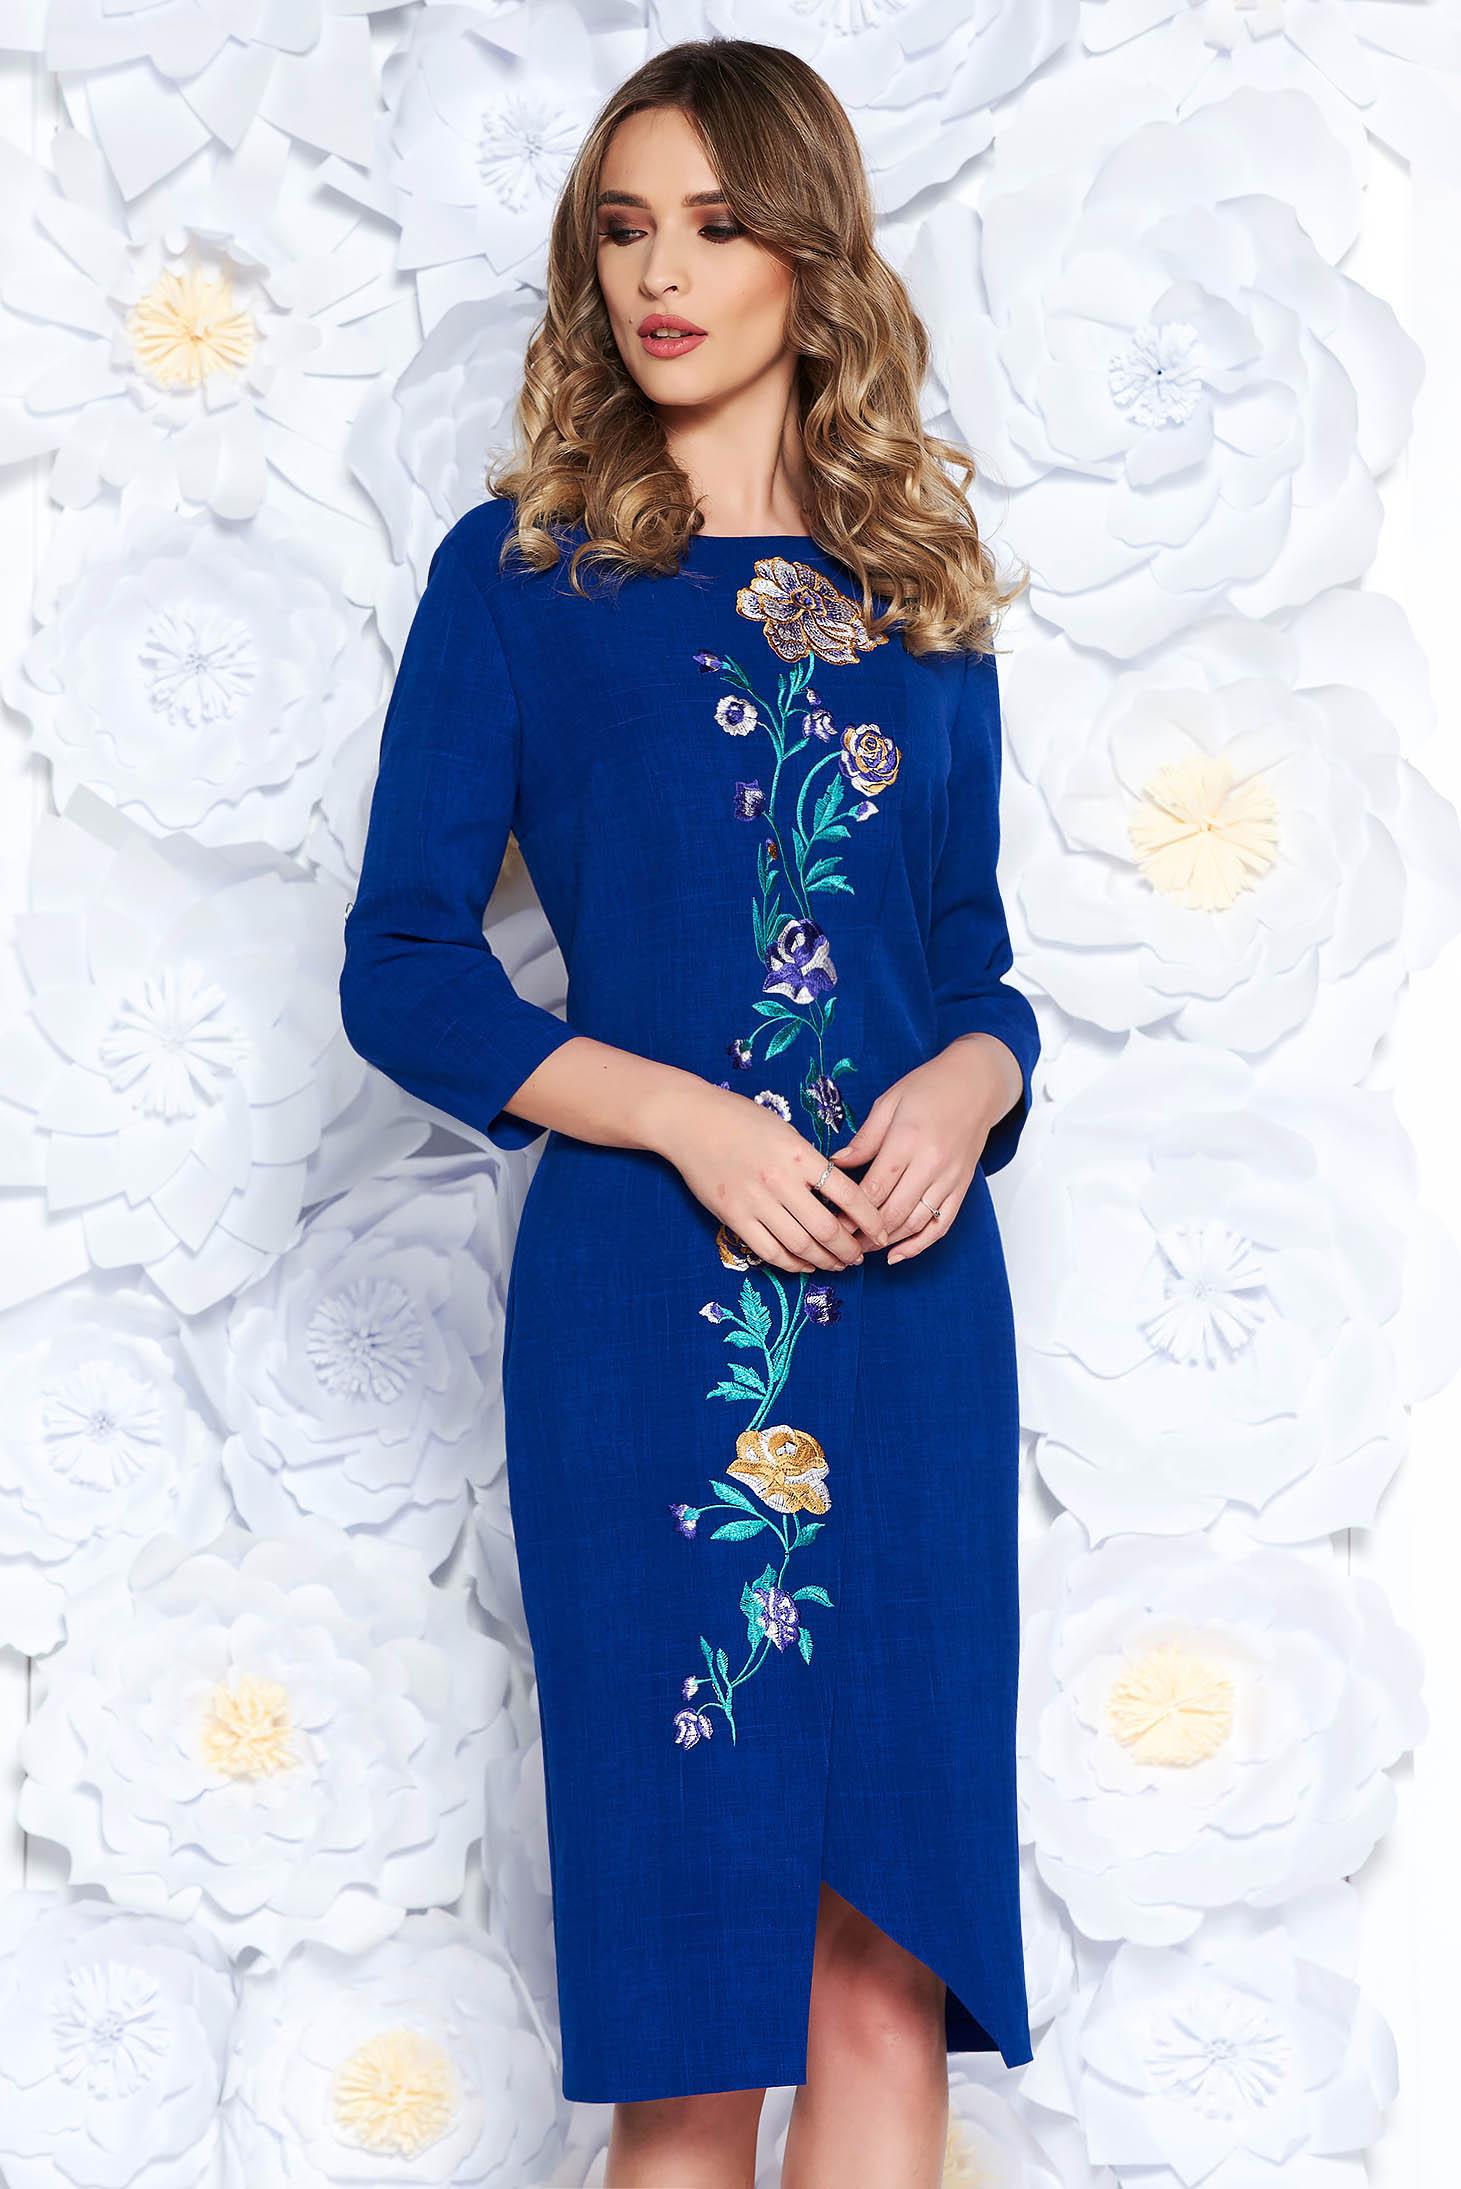 611a3309f2 Kék elegáns bő szabású ruha enyhén elasztikus szövet hímzett betétekkel